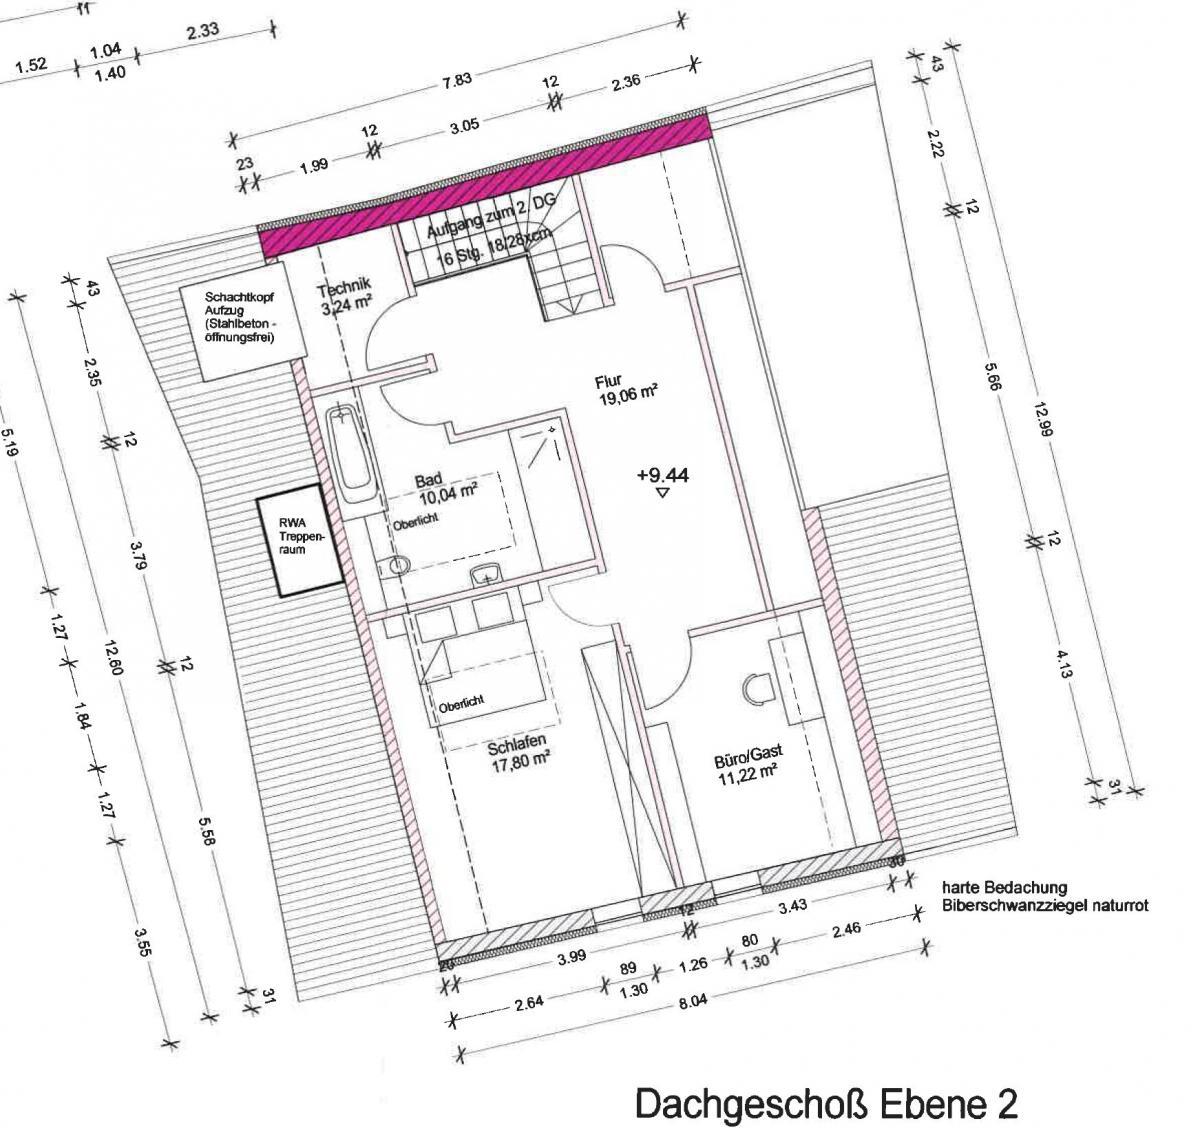 DG-Ebene 2